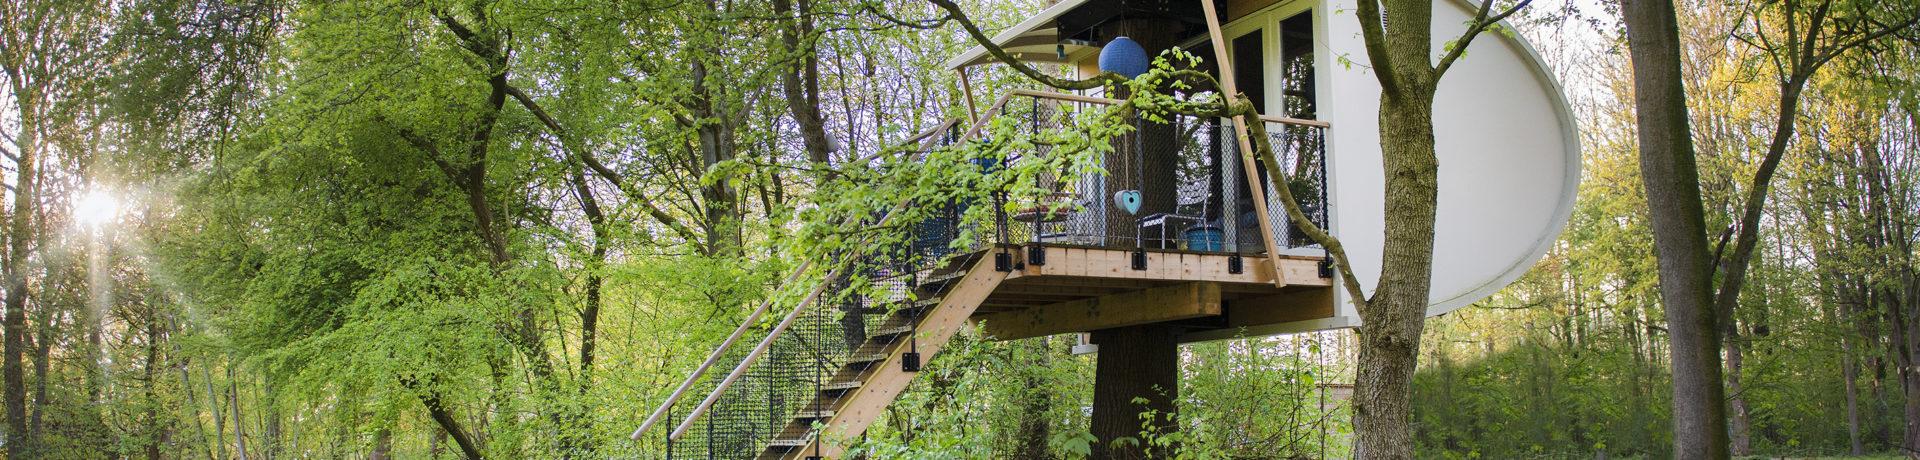 Buytenplaets Suydersee in Lelystad is een kleinschalige locatie op de grens van stad en bos in de provincie Flevoland.